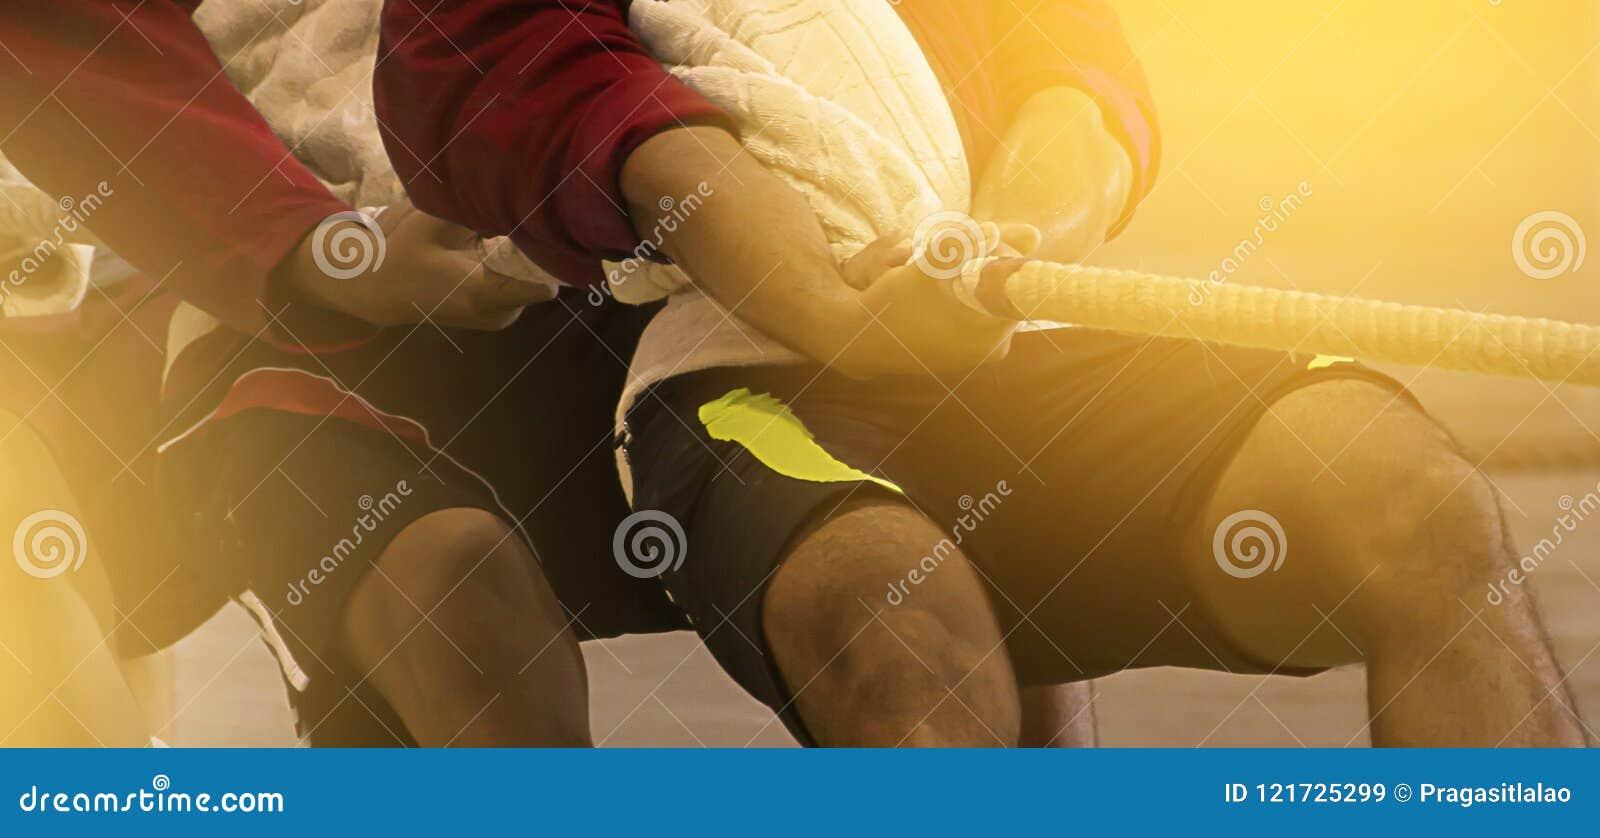 Спичка гужа сражения командного игрока для игры тяги